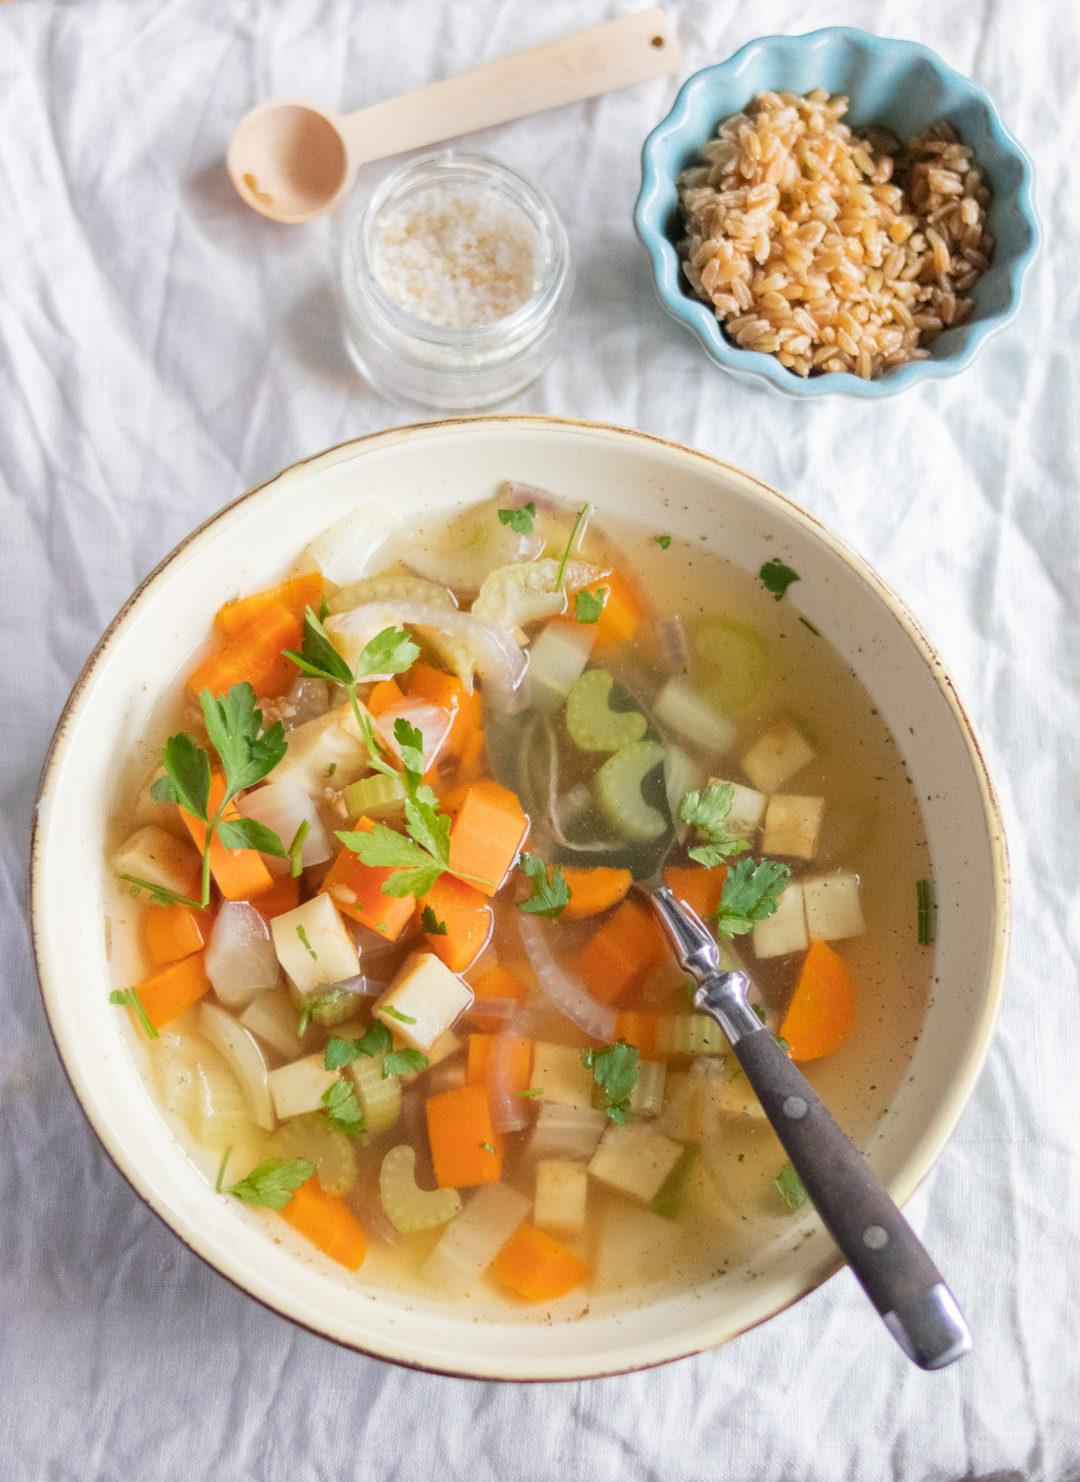 Rezept für eine schnelle und einfache vegetarische Gemüsesuppe. Mit Tipps, wie du eine Suppe ganz einfach selber kochst. #suppe #gesund #vegetarisch #gemüsesuppe #grünkern